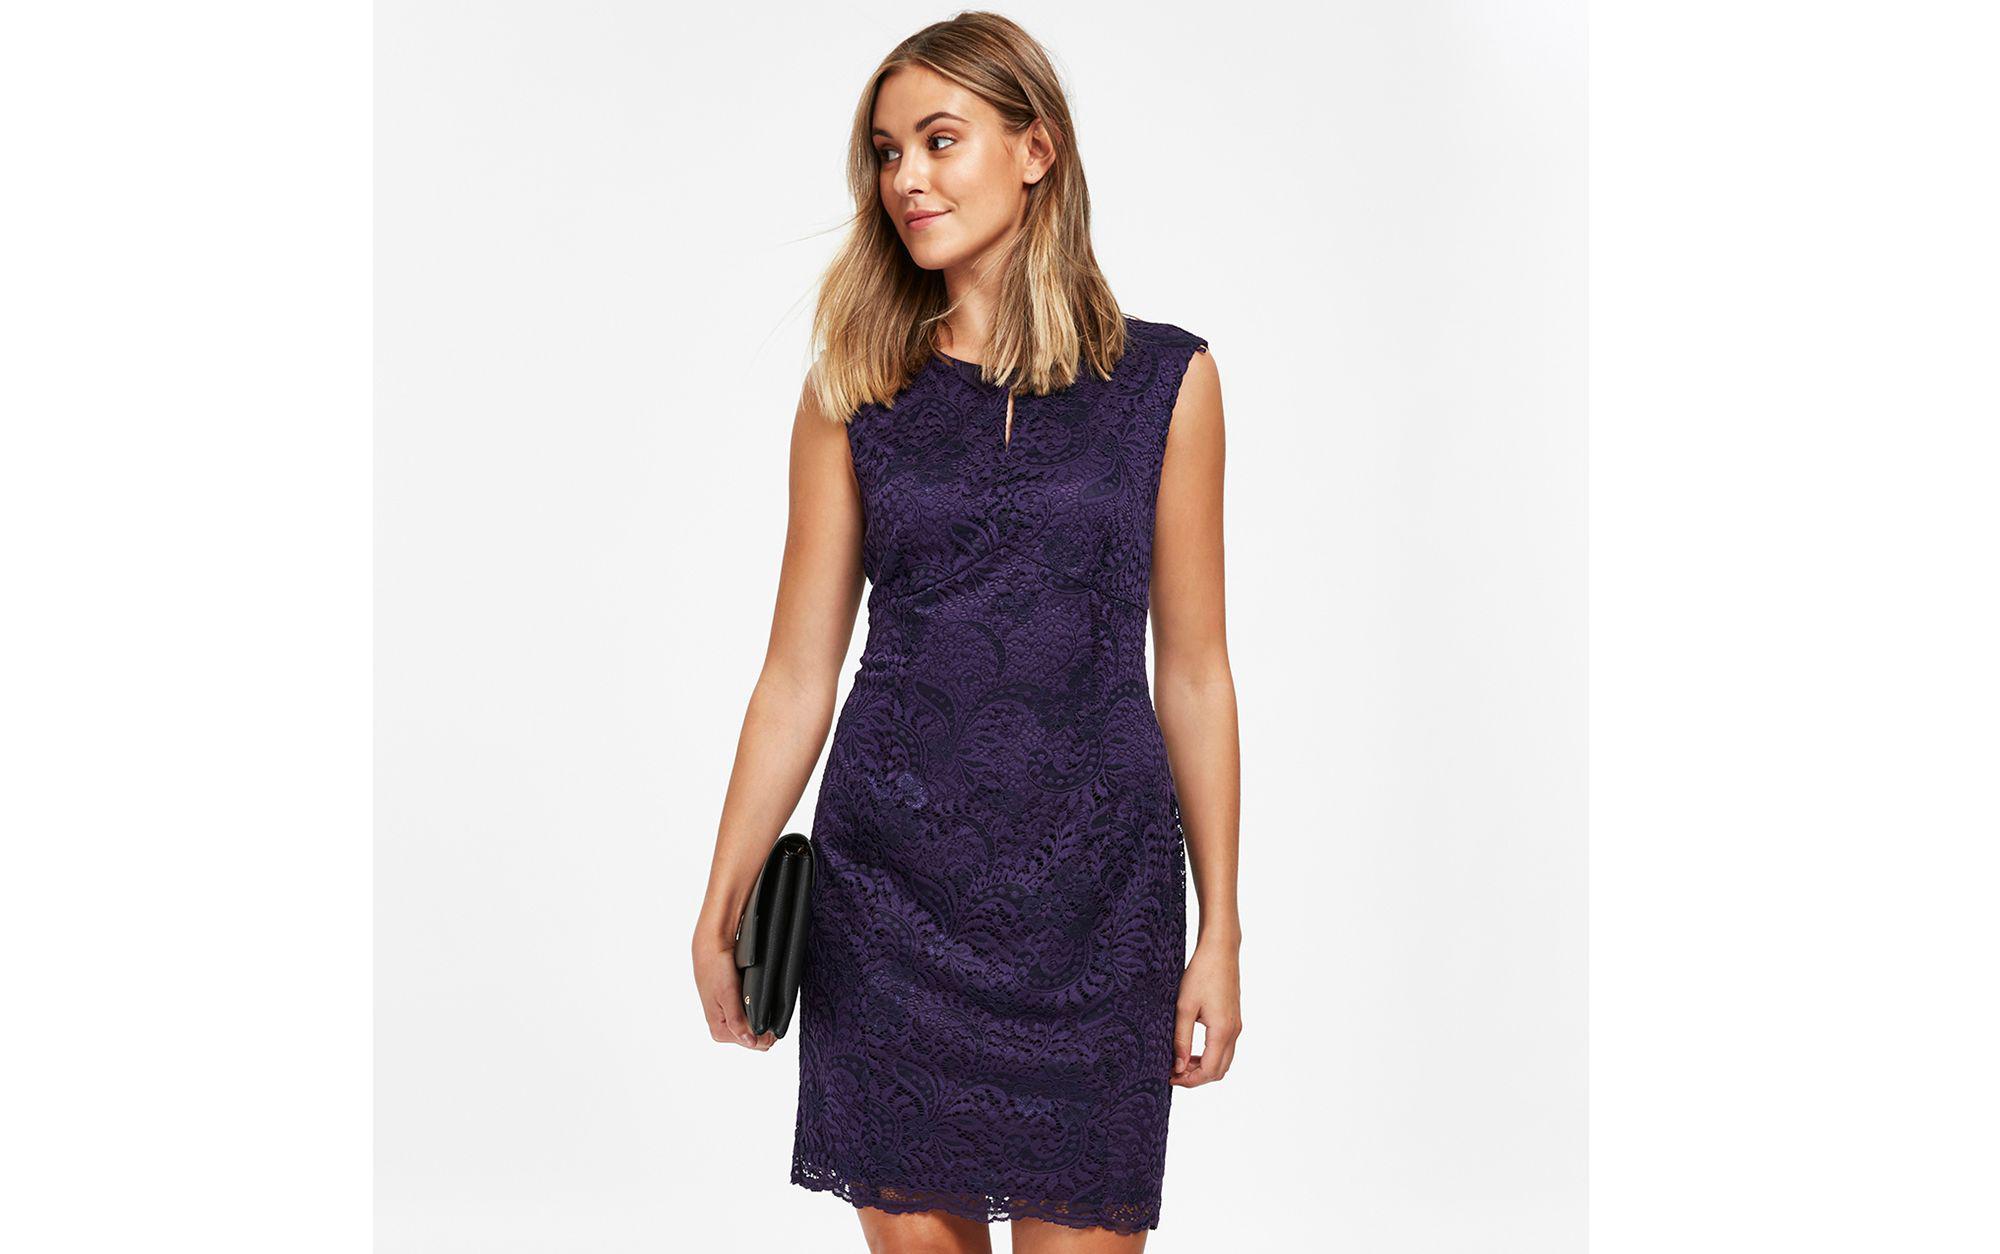 e62182c1806 Wallis Petite Purple Lace Shift Dress in Purple - Lyst